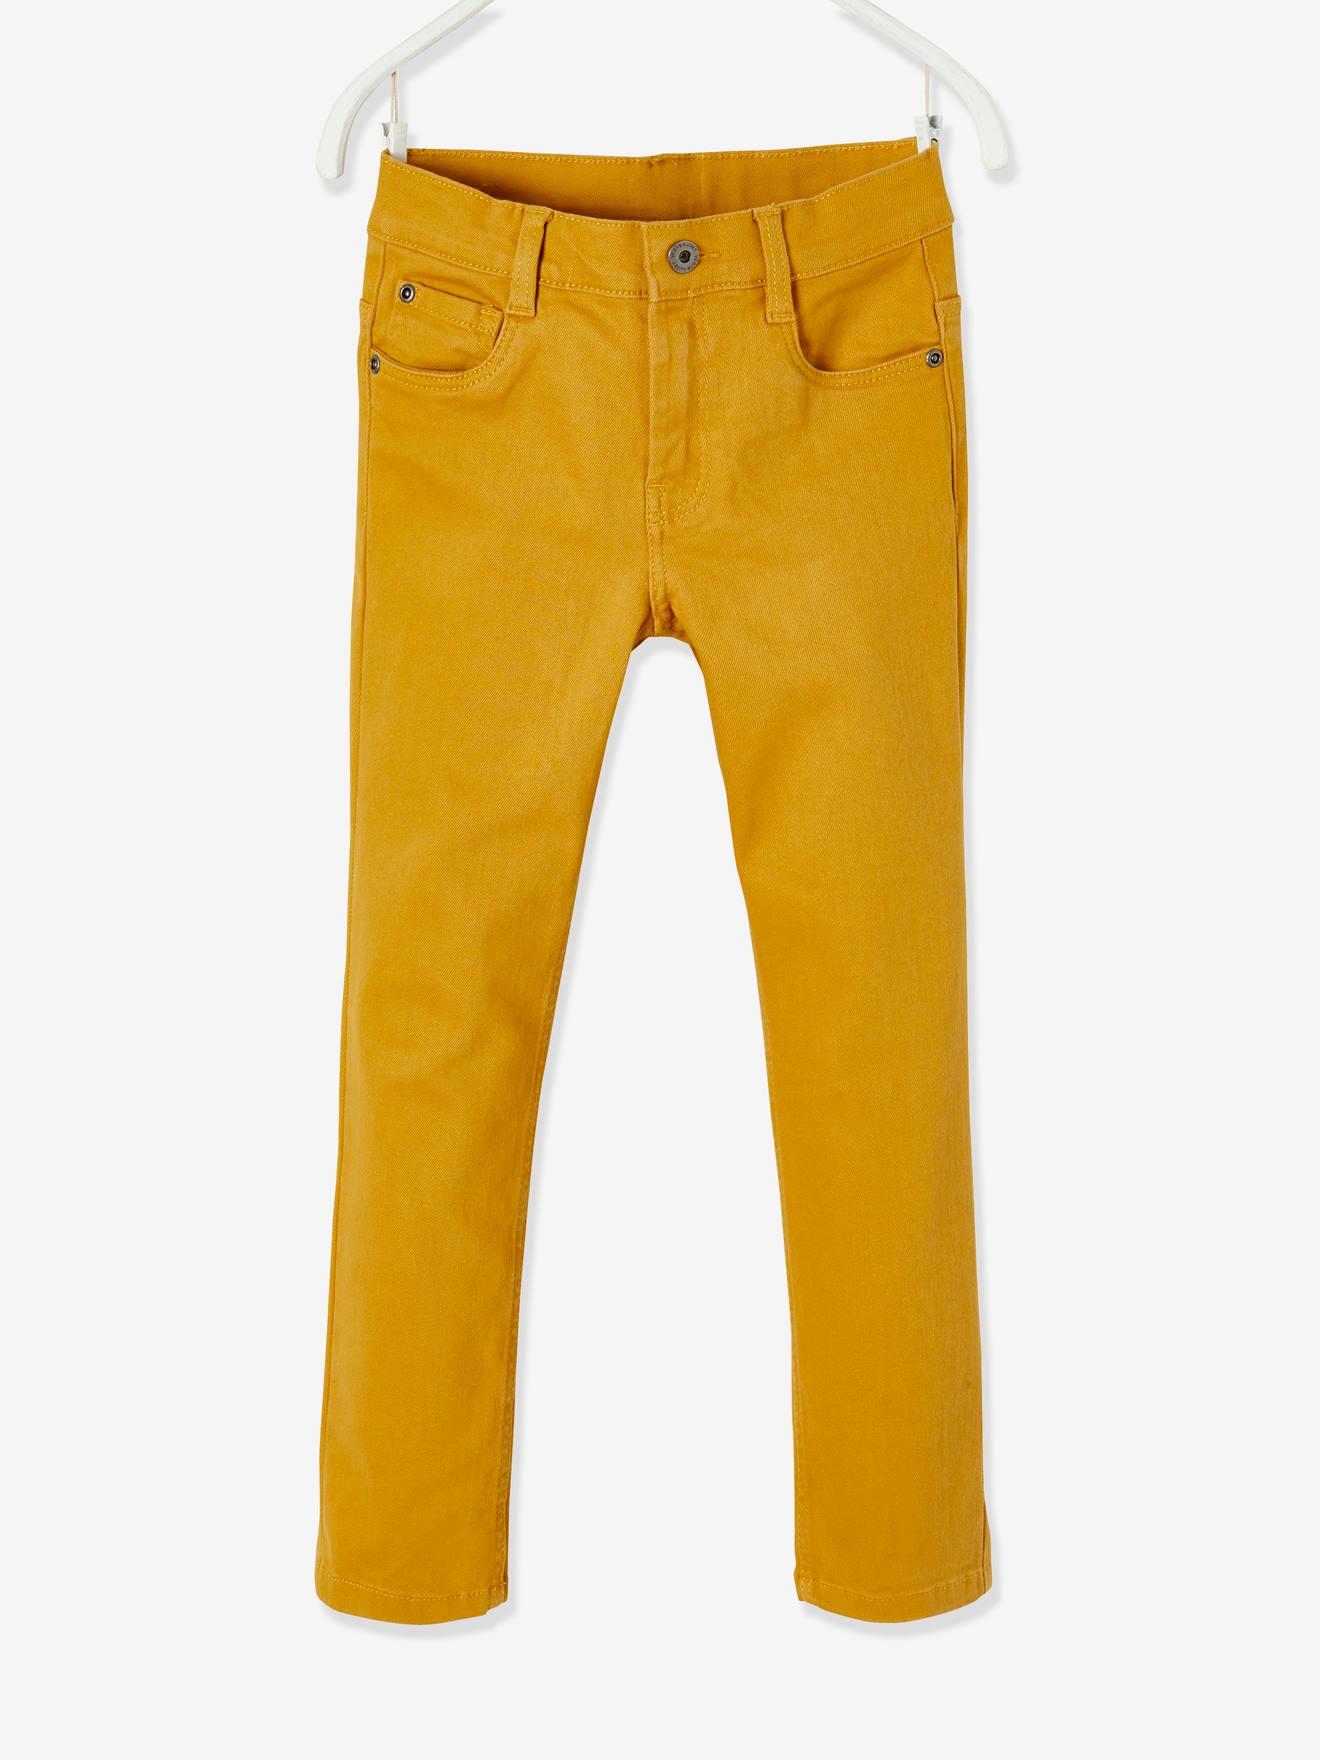 Pantalon garçon enfant Jaune - Pantalons